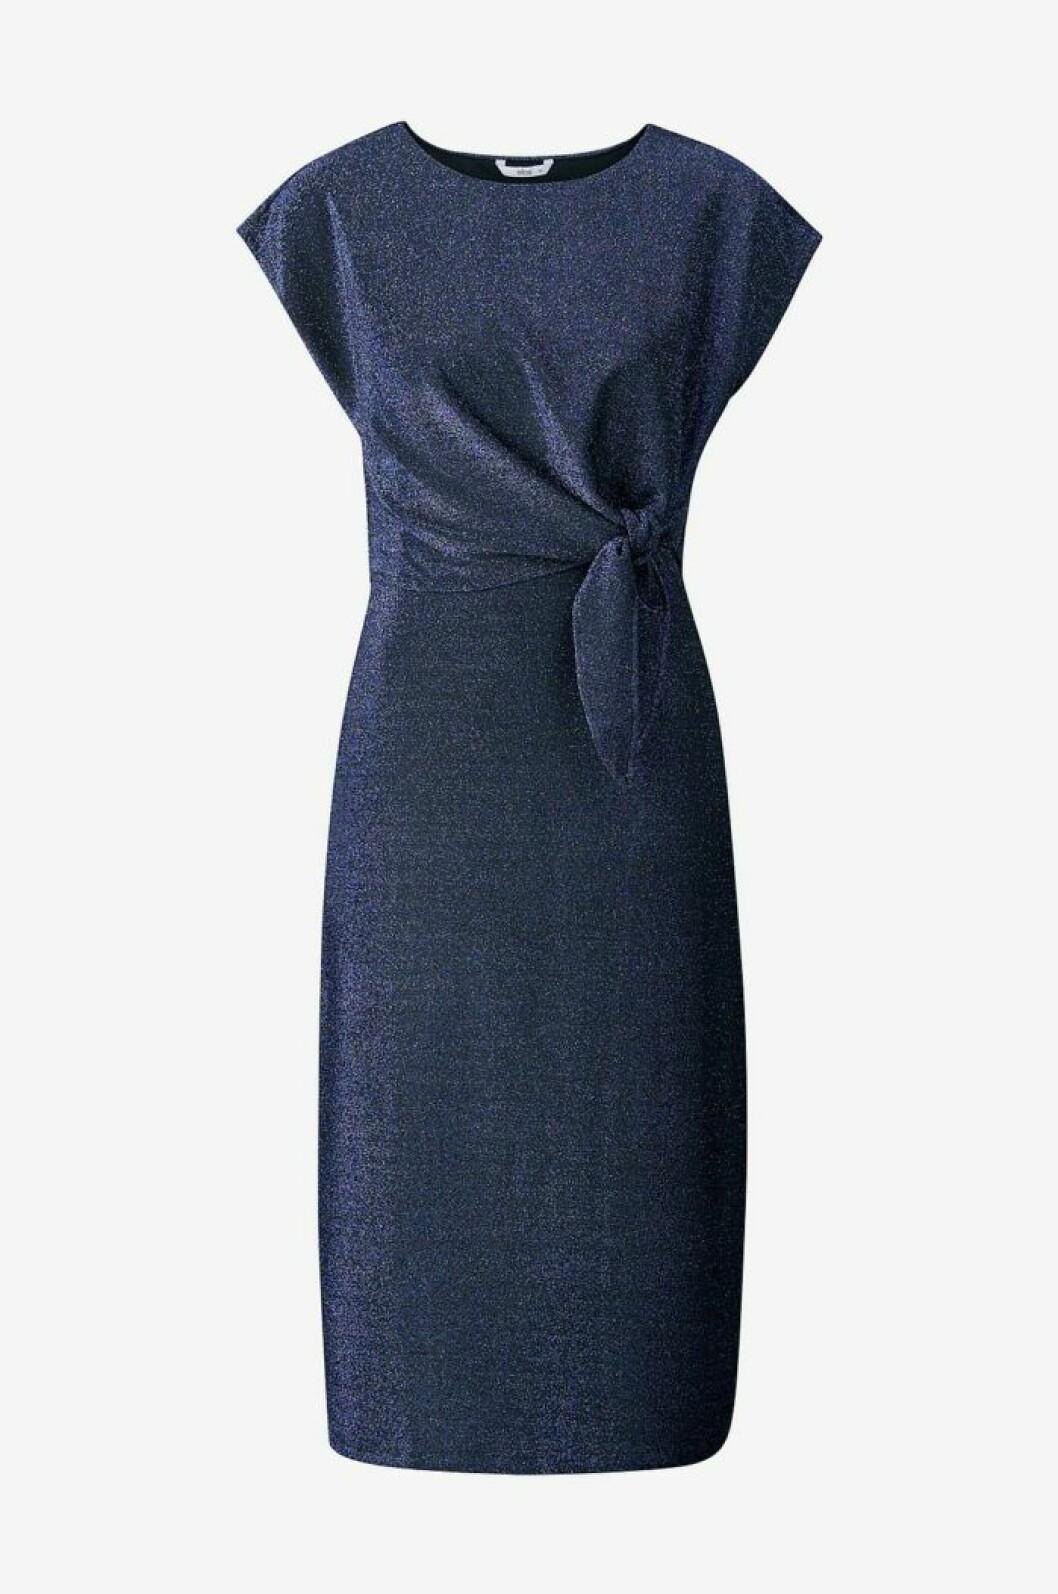 Blå klänning med glitter i